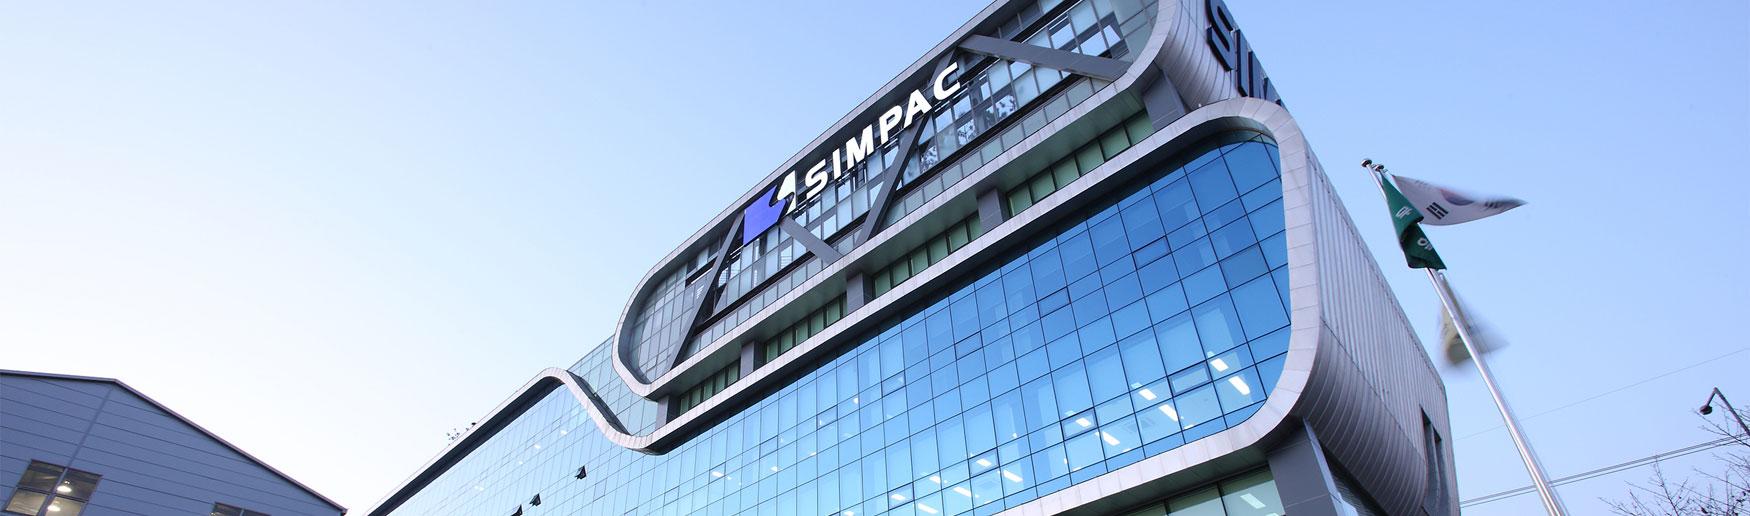 SIMPAC Headquarters